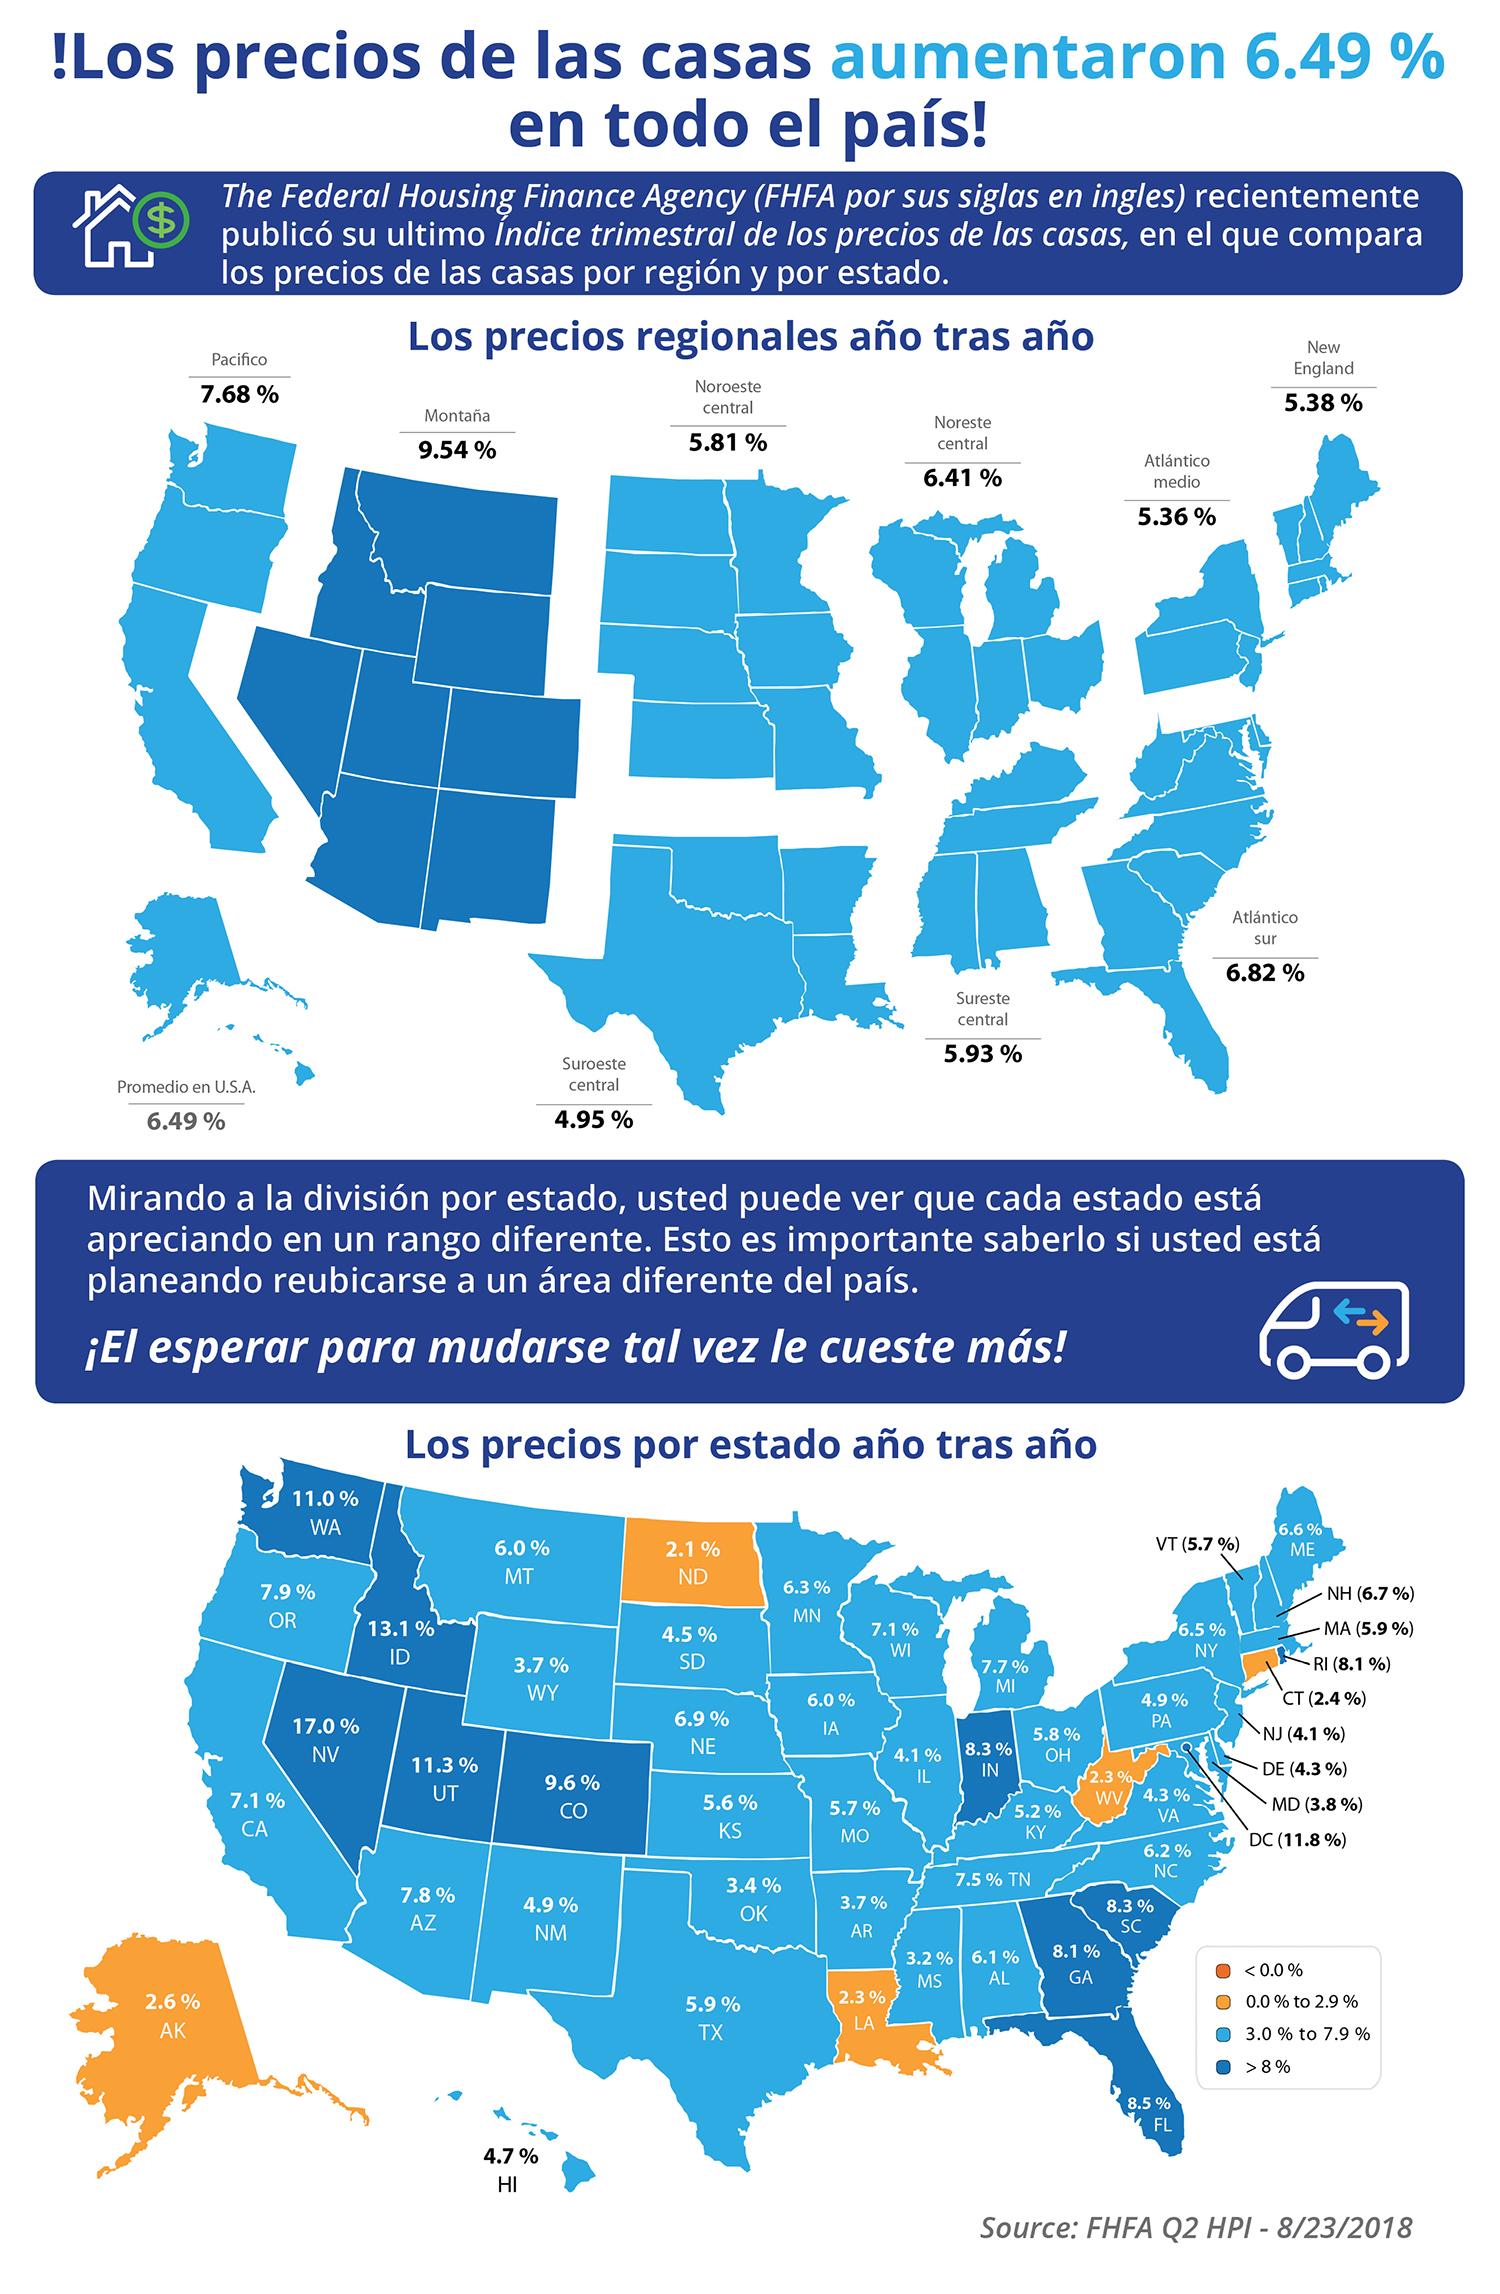 Los precios de las viviendas aumentaron 6.49 % a través del país [Infografía] | Simplifying The Market